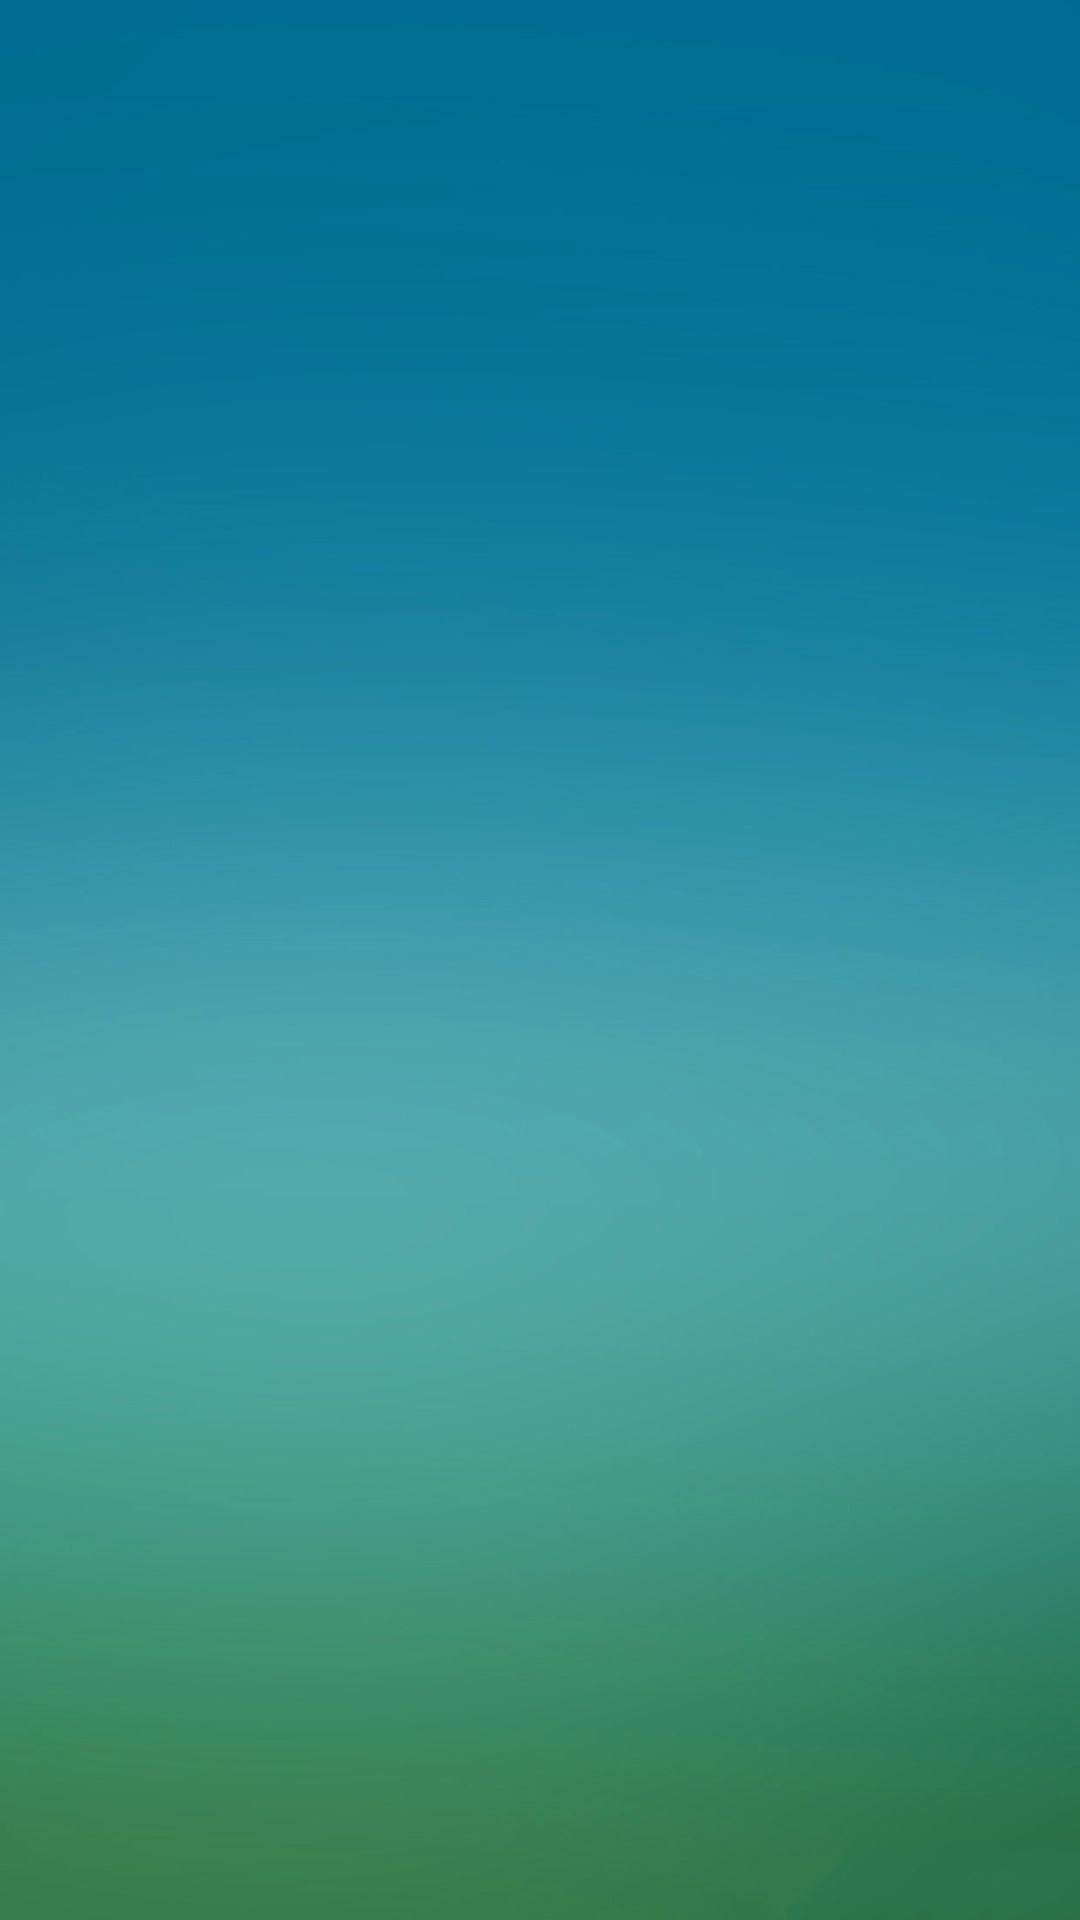 Wallpaper iphone green - Blue Green Gradation Wallpaper Color Gradation Pinterest Blue Green Wallpaper And Fractal Art